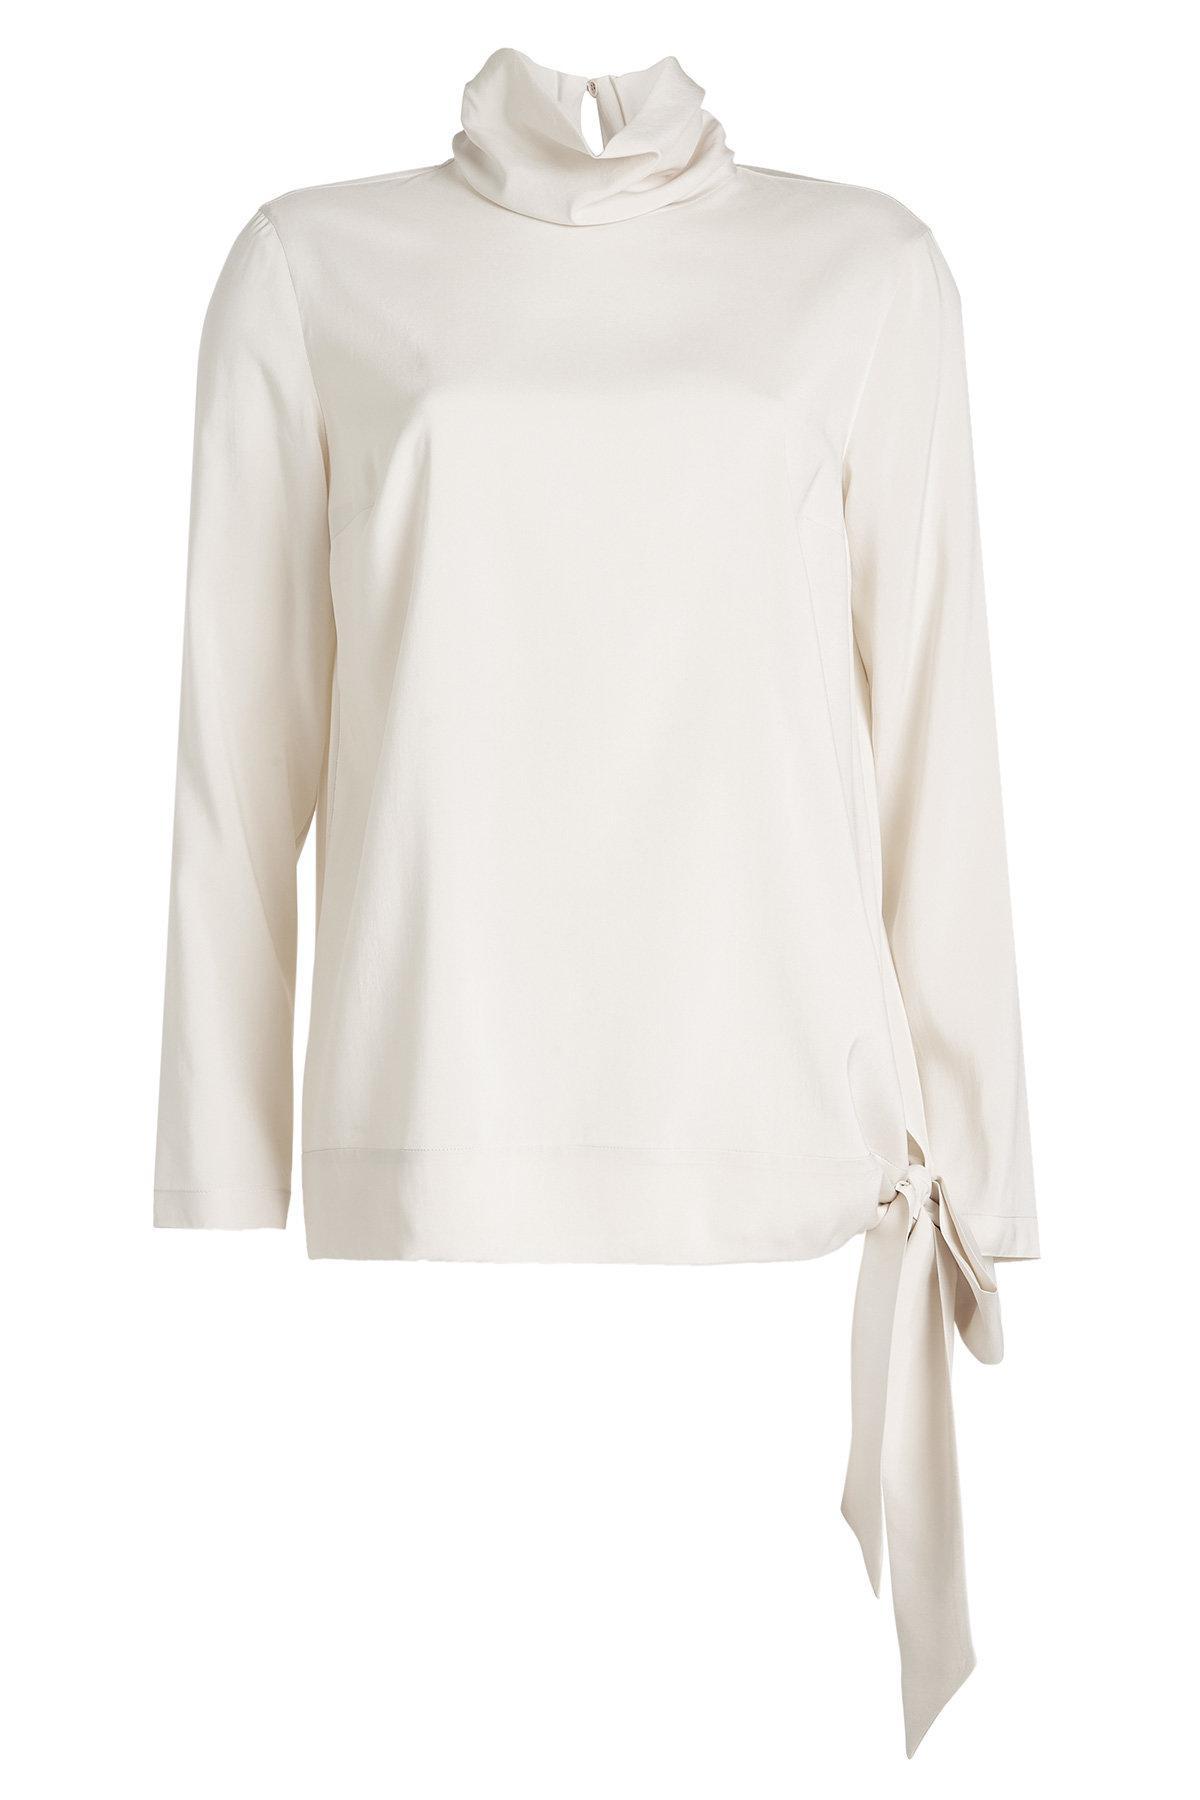 834b1dc480 Brunello Cucinelli Turtleneck Silk Blouse in White - Lyst